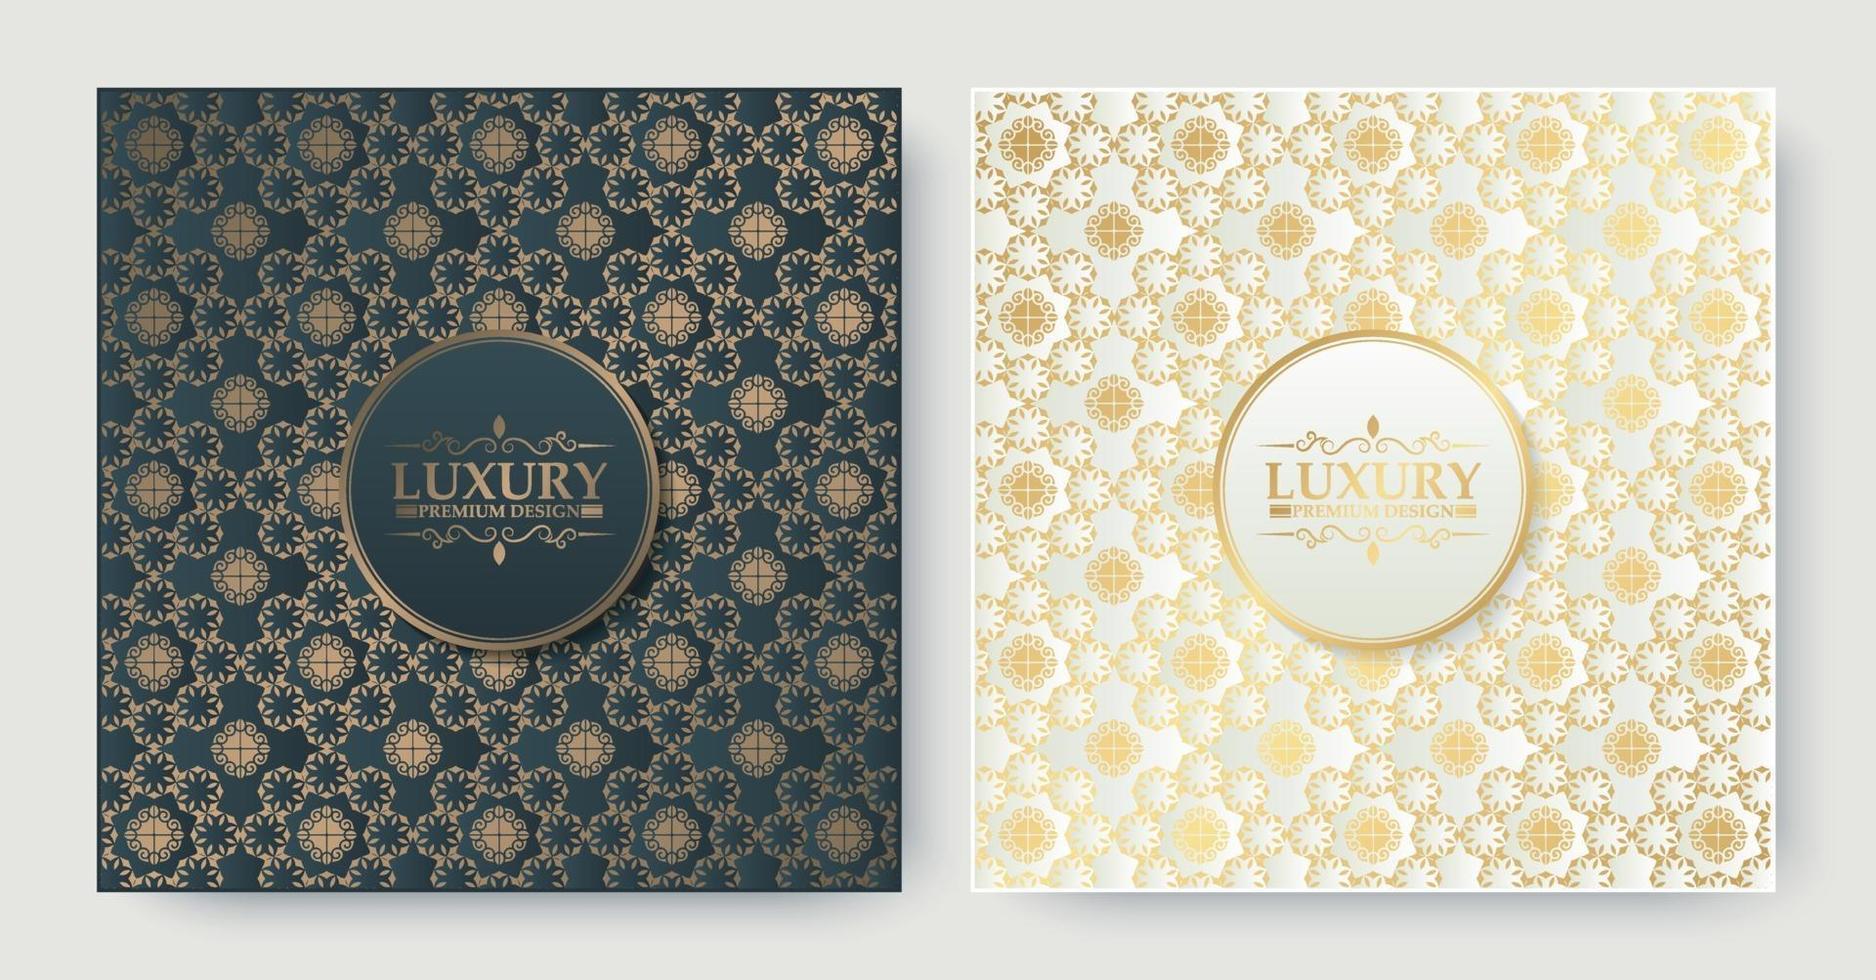 fondo de textura de patrón ornamental de lujo vector